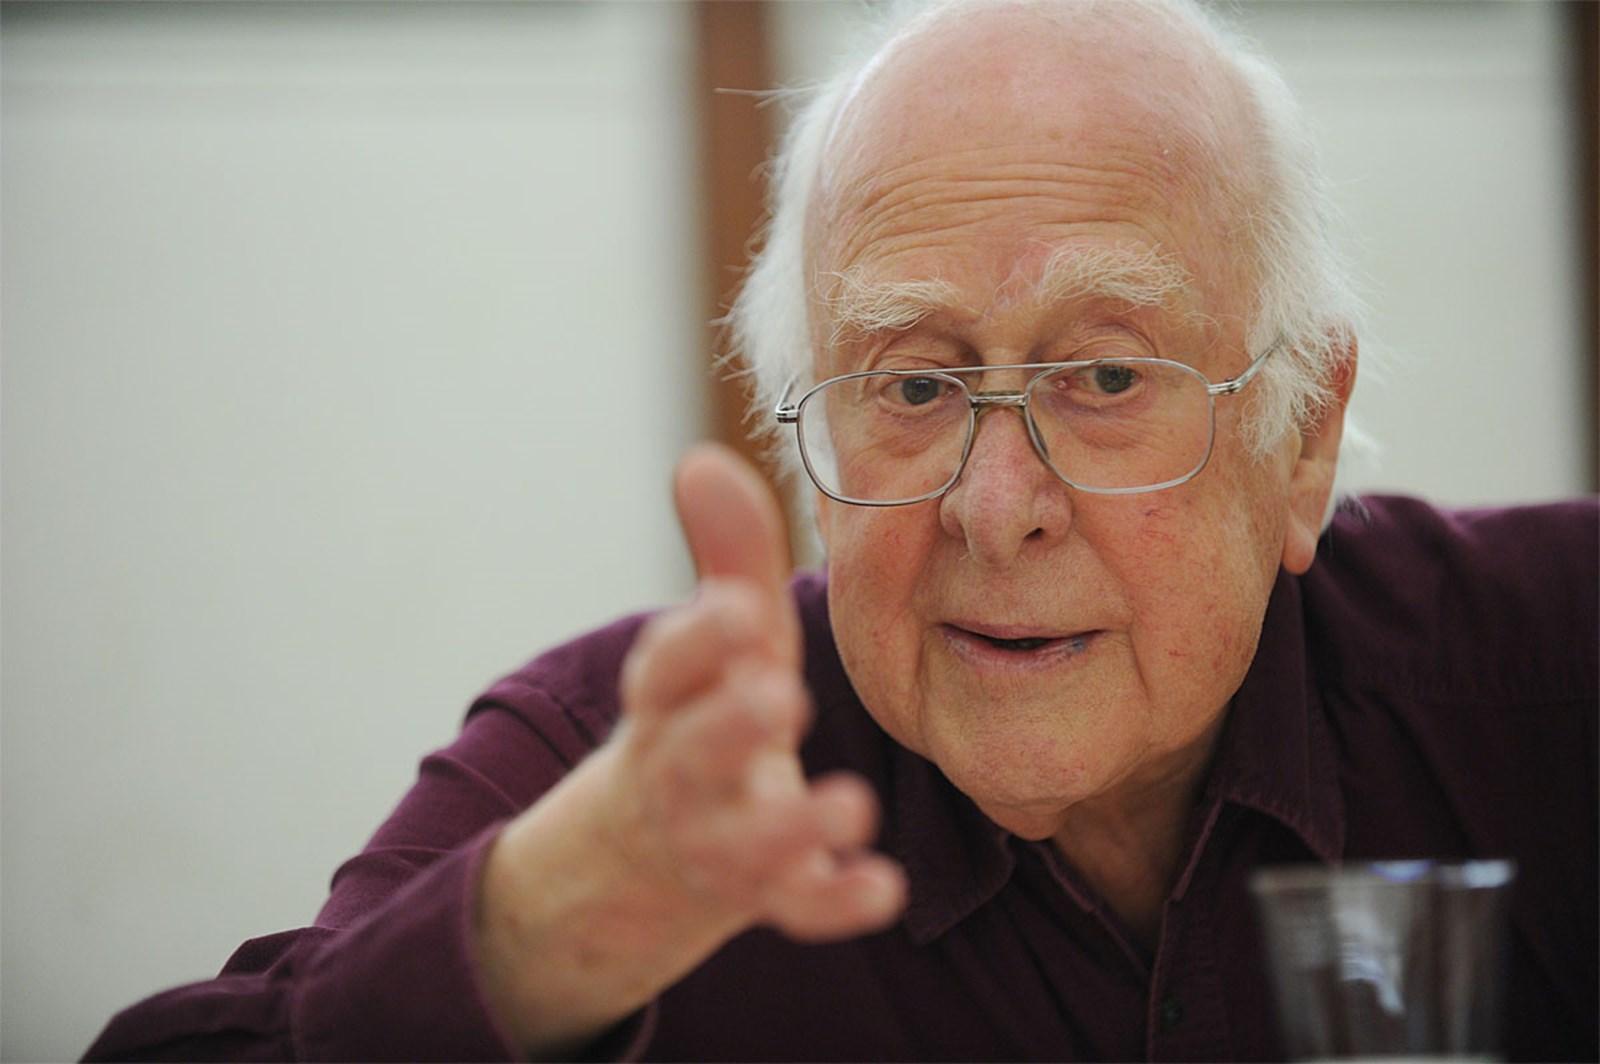 Nobelpreisträger Peter Higgs wird 90